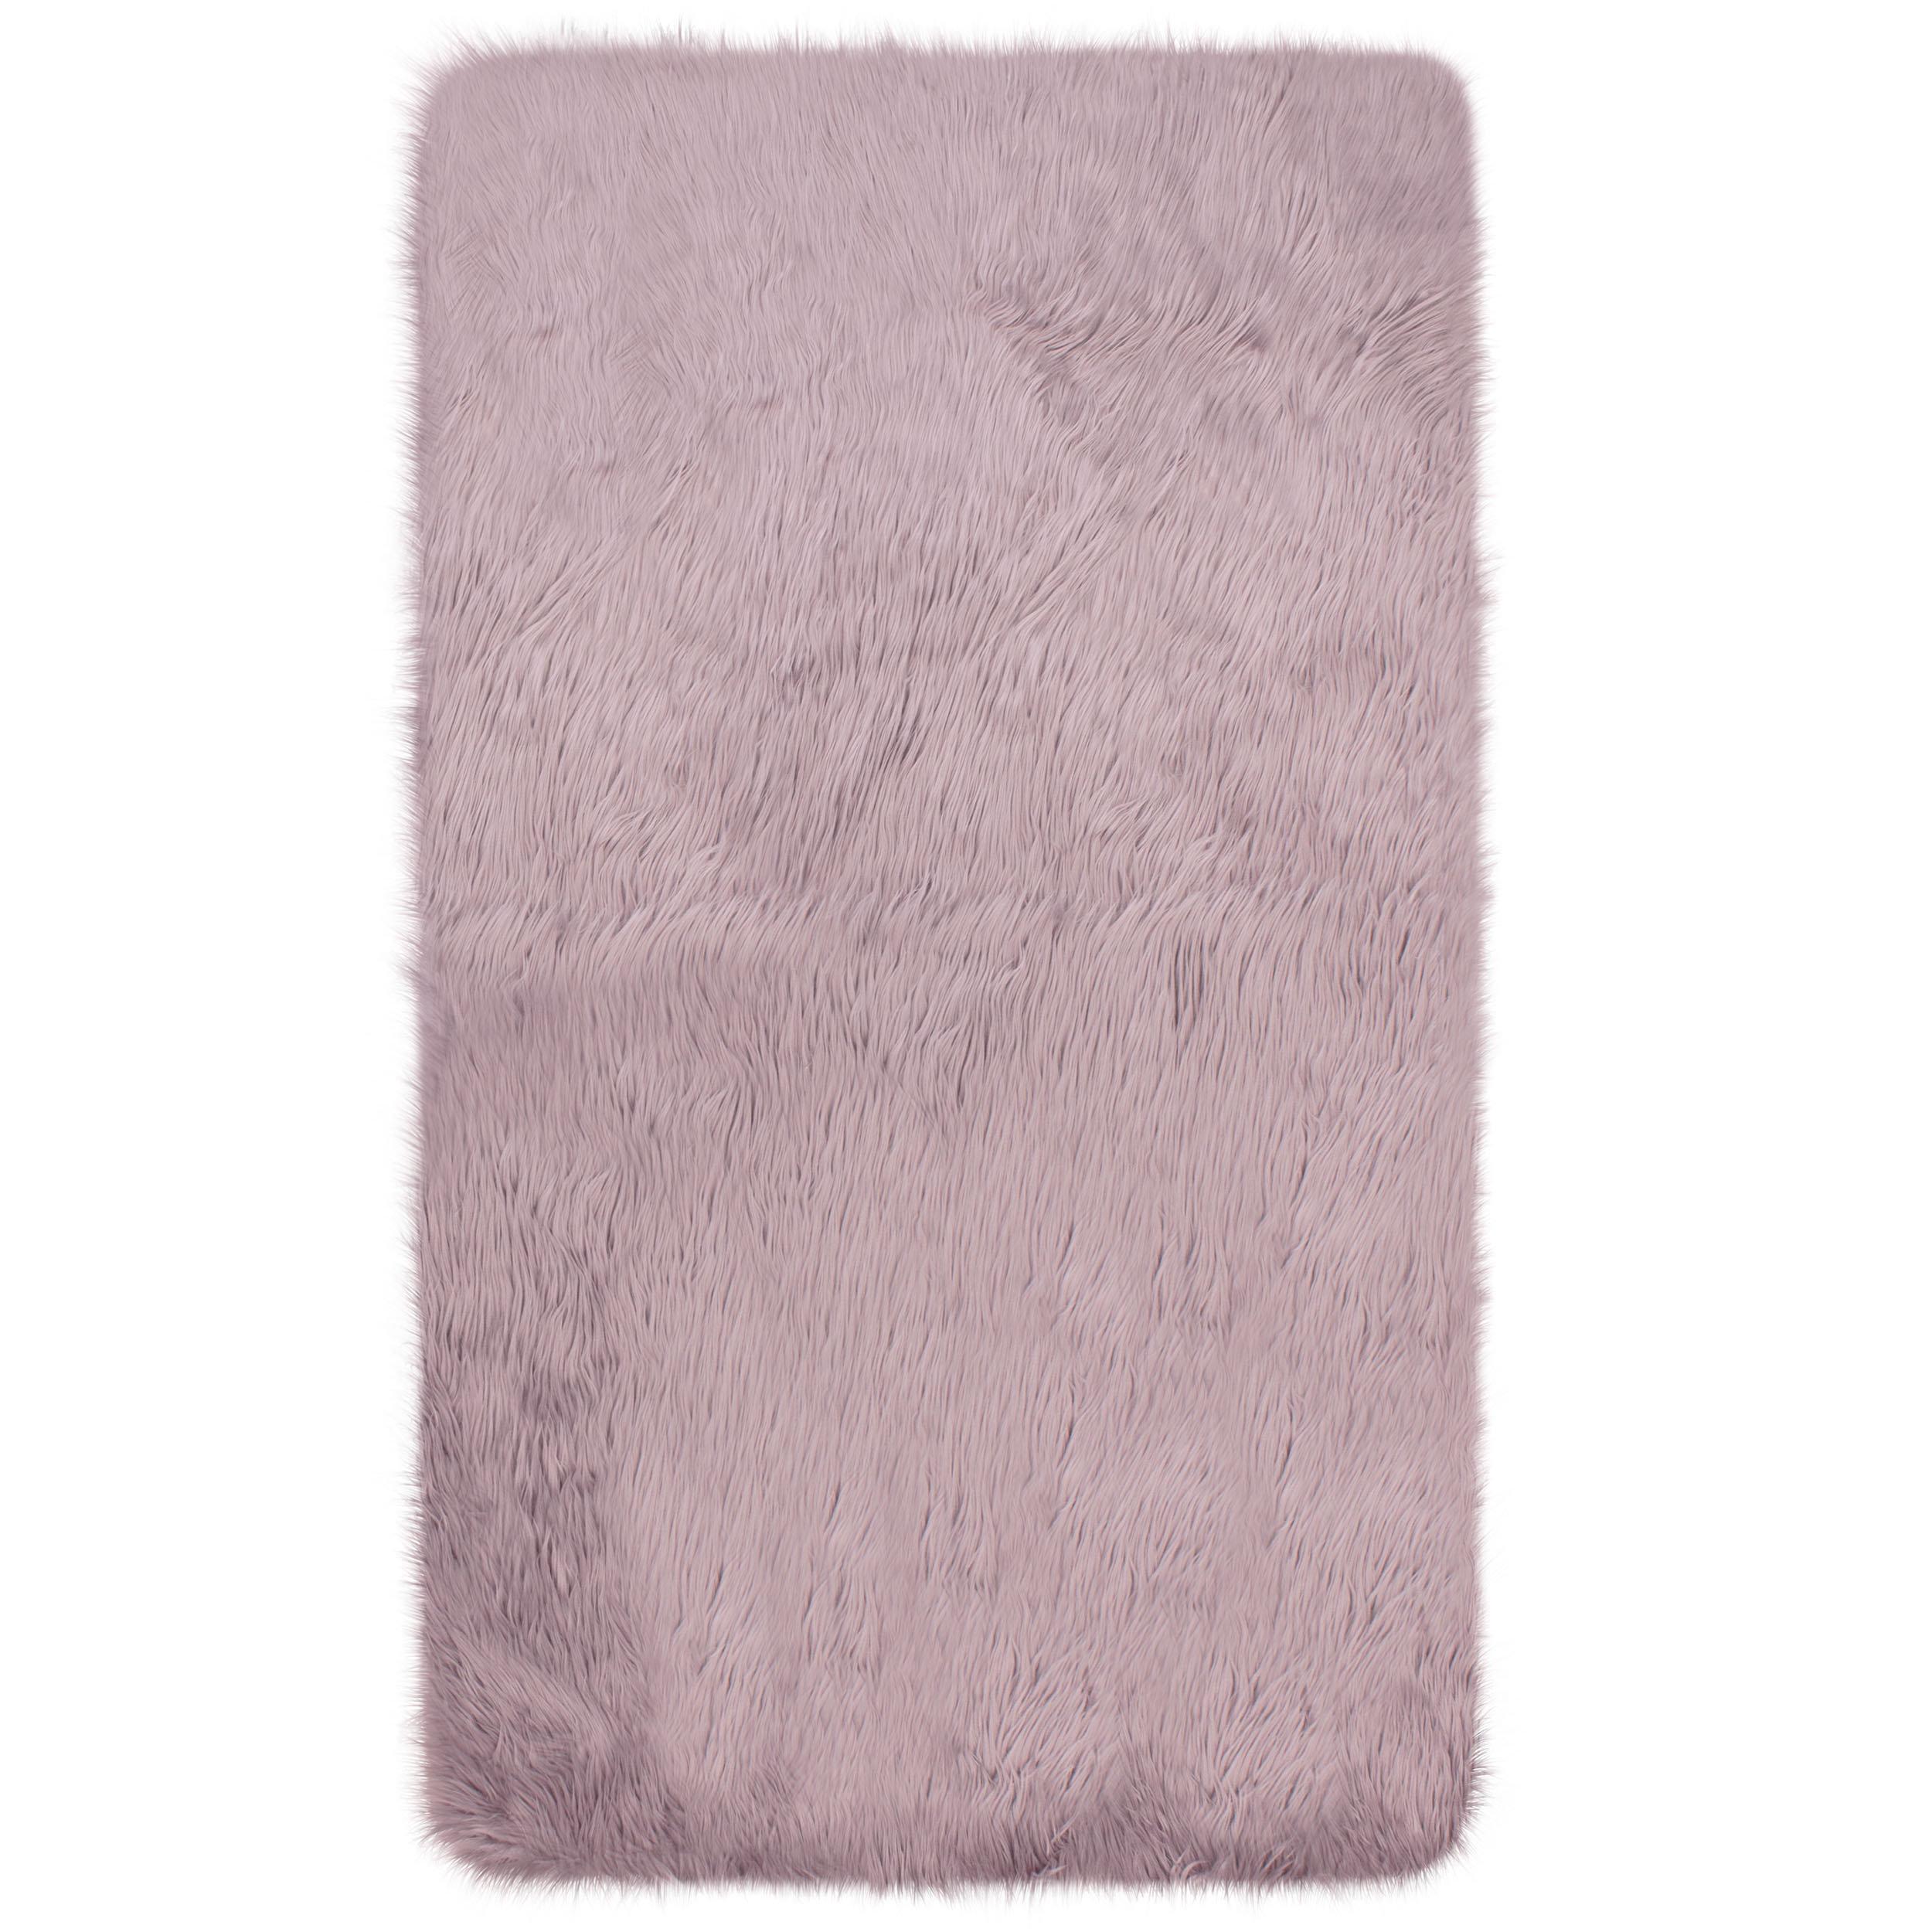 Mercer41 Ophir Faux Fur Pink Area Rug